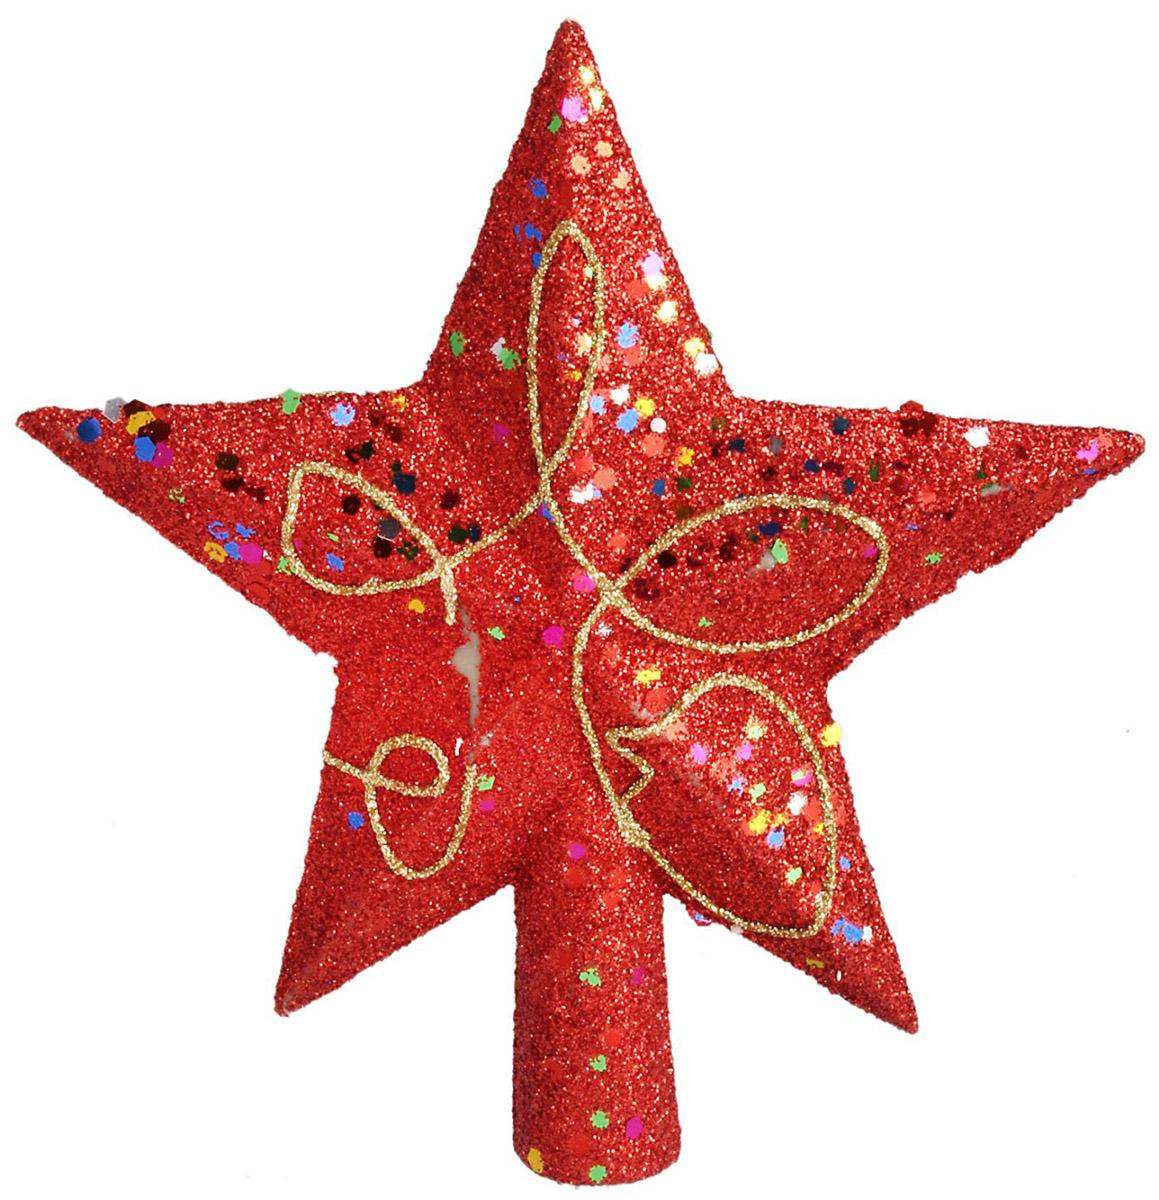 Макушка на елку Sima-land Звезда. Посыпка, узор, 12 см547117Макушка Sima-land изготовлена из пластика. Она имеет плотный корпус, поэтому не разобьется.Невозможно представить нашу жизнь без праздников! Новогодние украшения несут в себе волшебство и красоту праздника. Создайте в своем доме атмосферу тепла, веселья и радости, украшая его всей семьей.